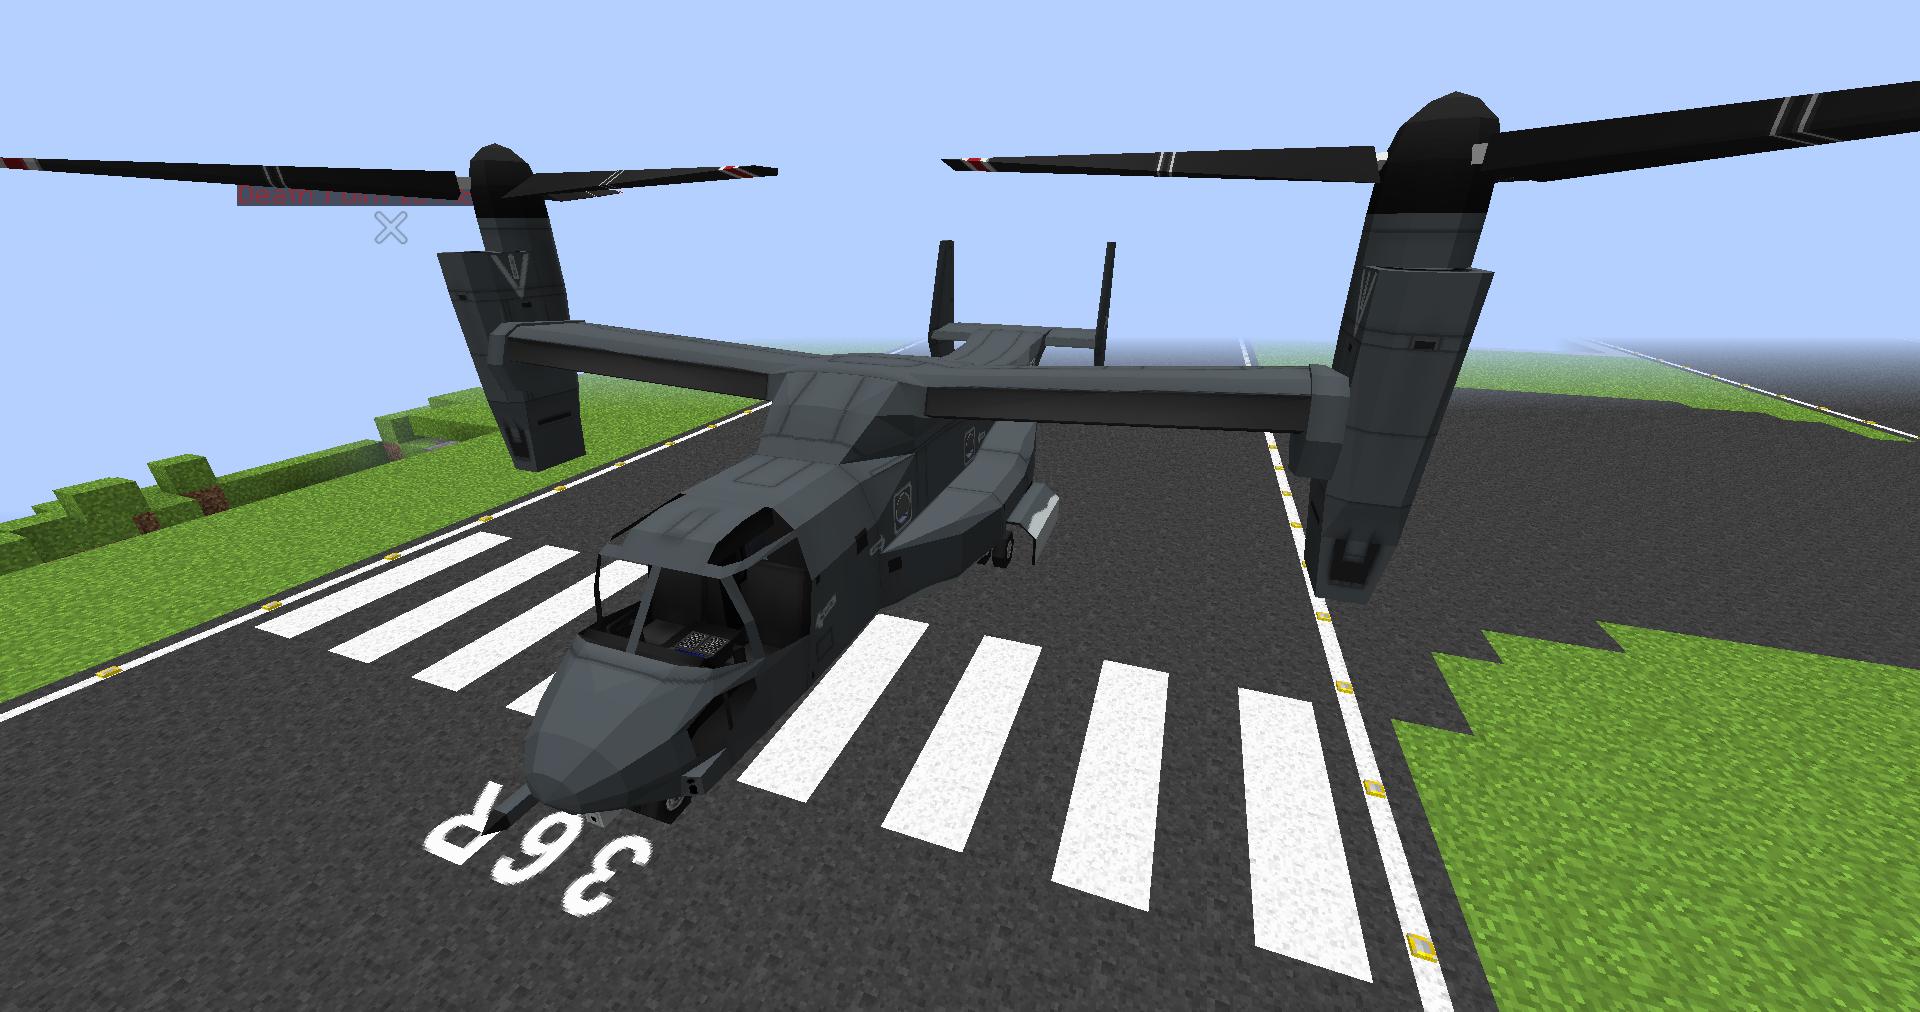 Мод на вертолёты для майнкрафт 1.7.10